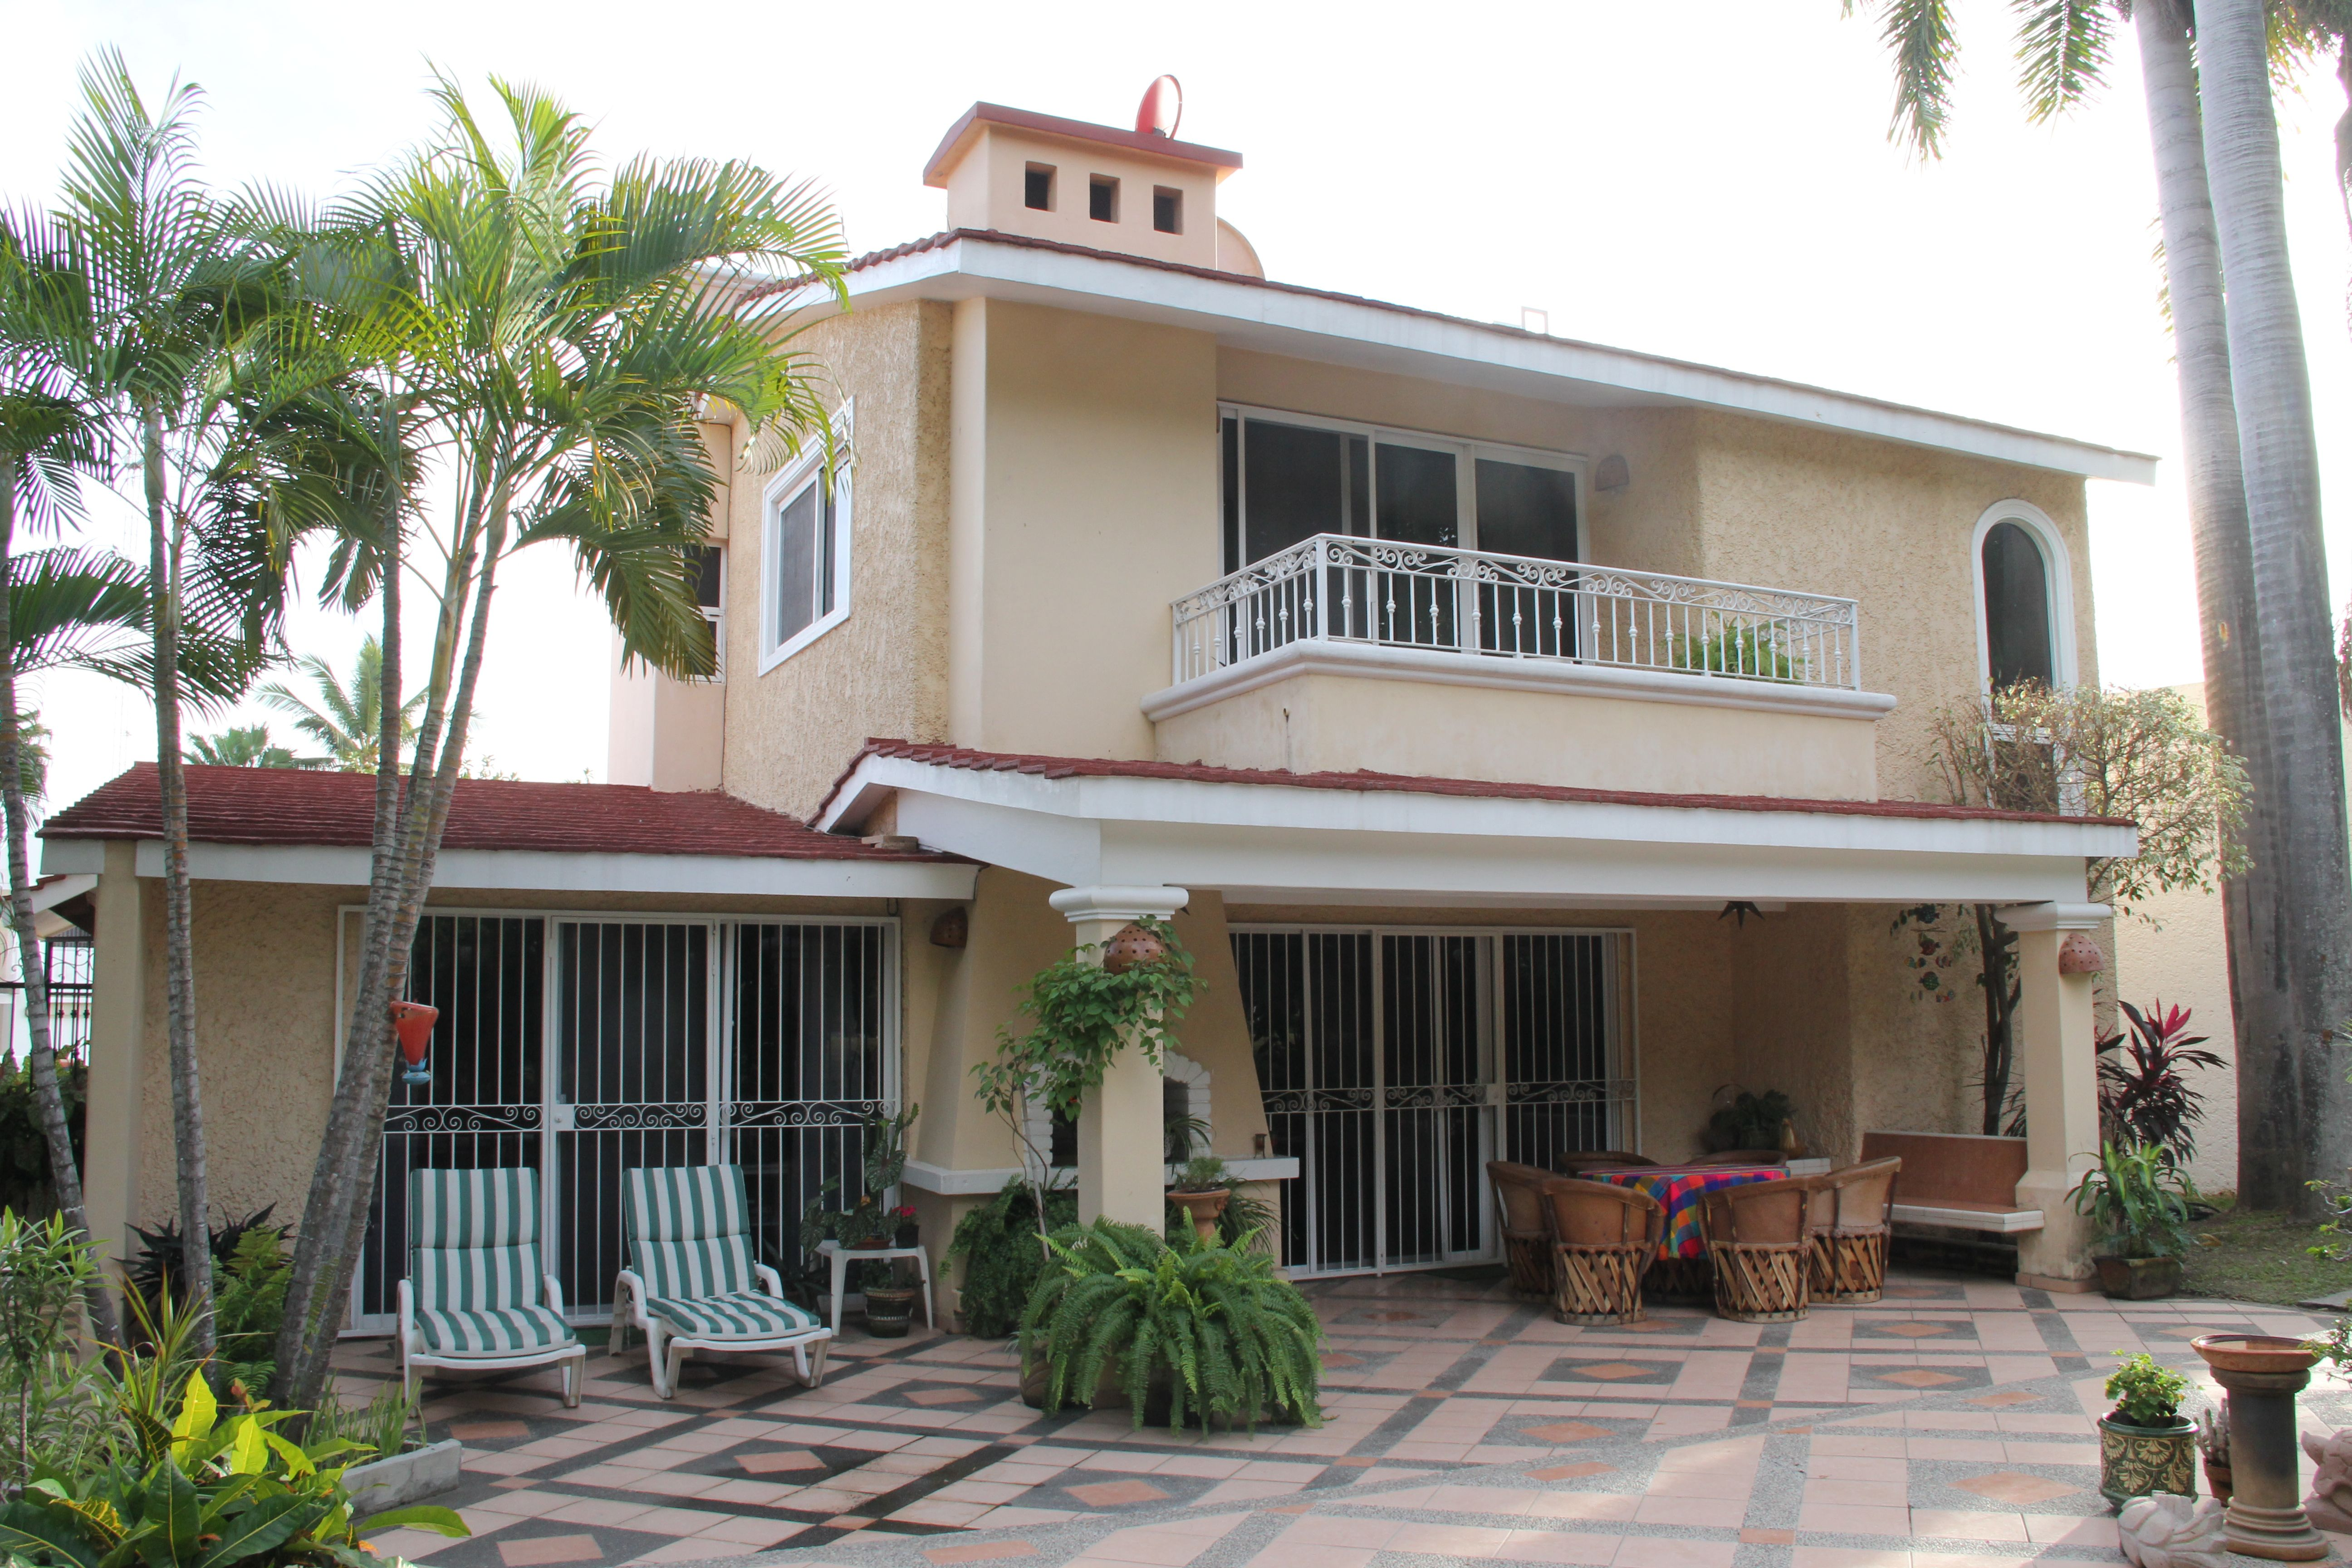 Casa de Iguanas back terrace